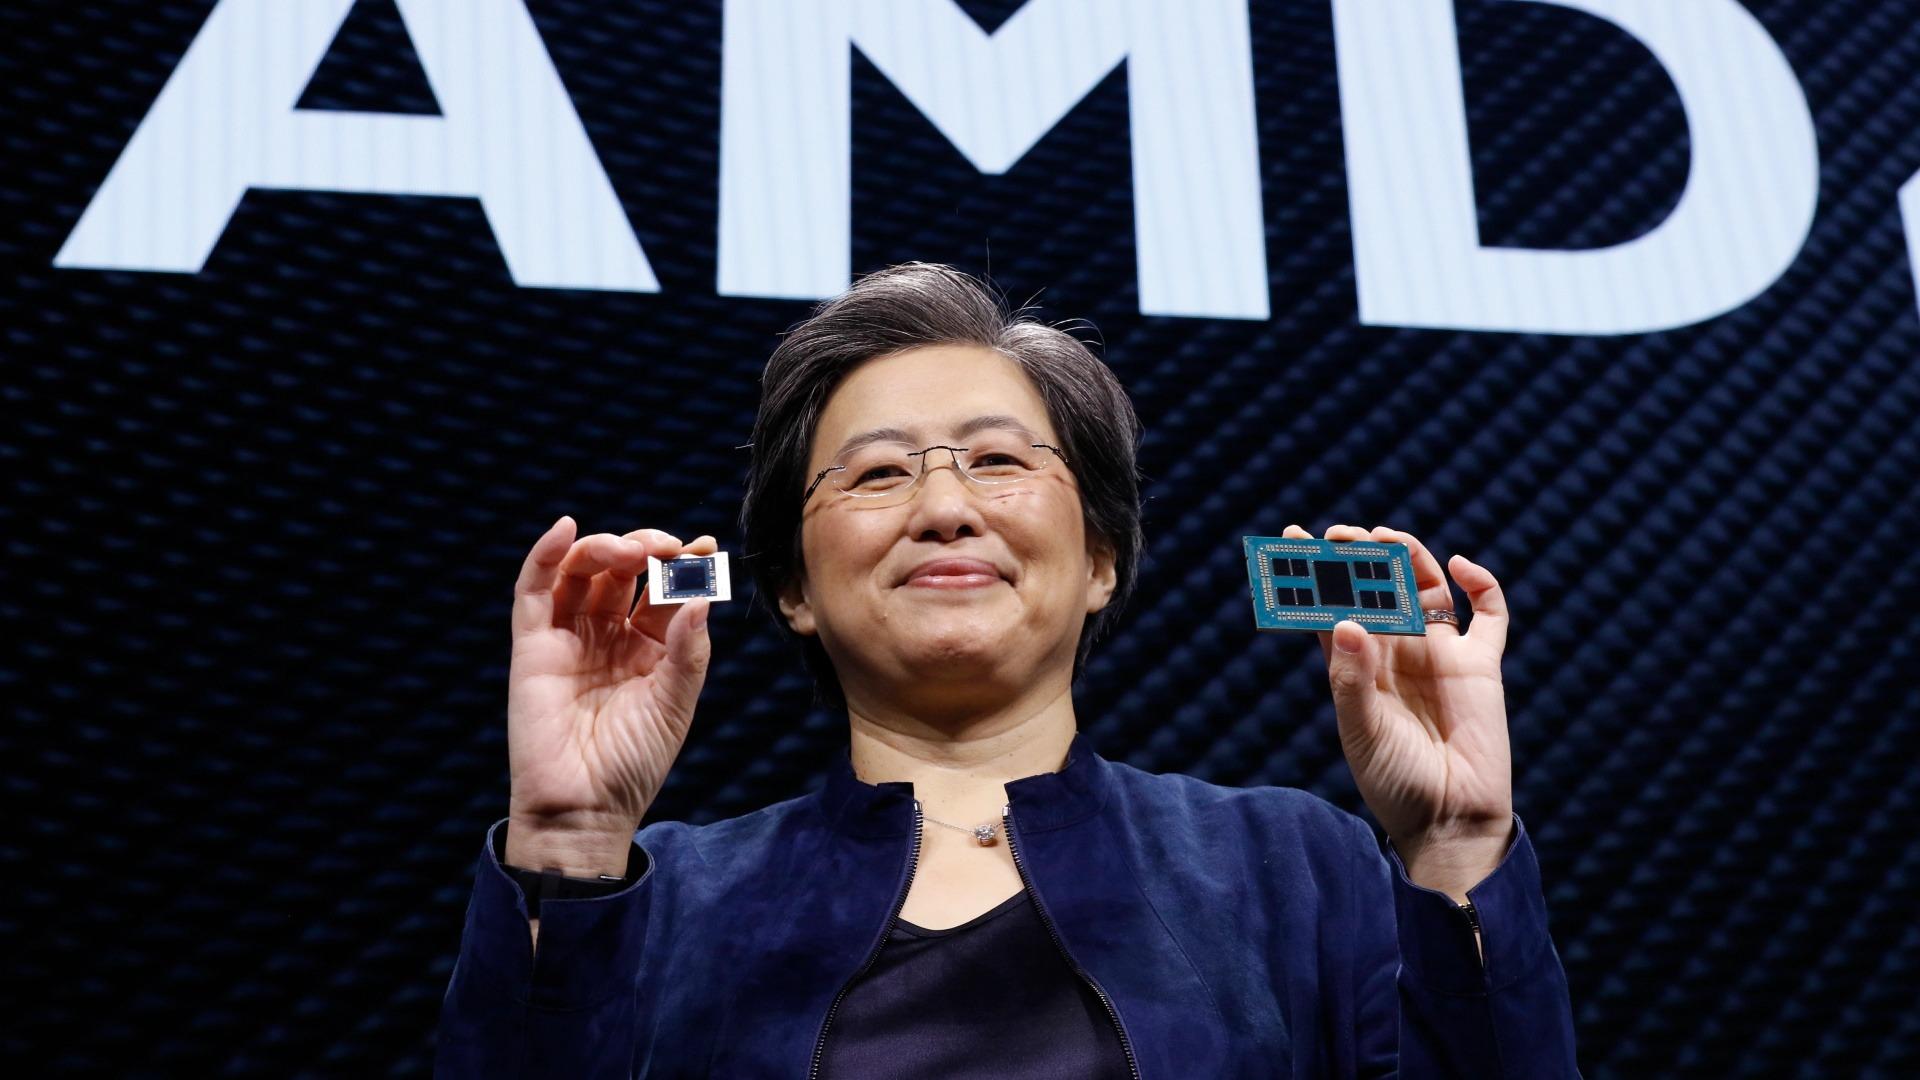 مدیرعامل AMD: اوضاع بازار تراشه تا آغاز سال ۲۰۲۲ بهبود پیدا نمیکند